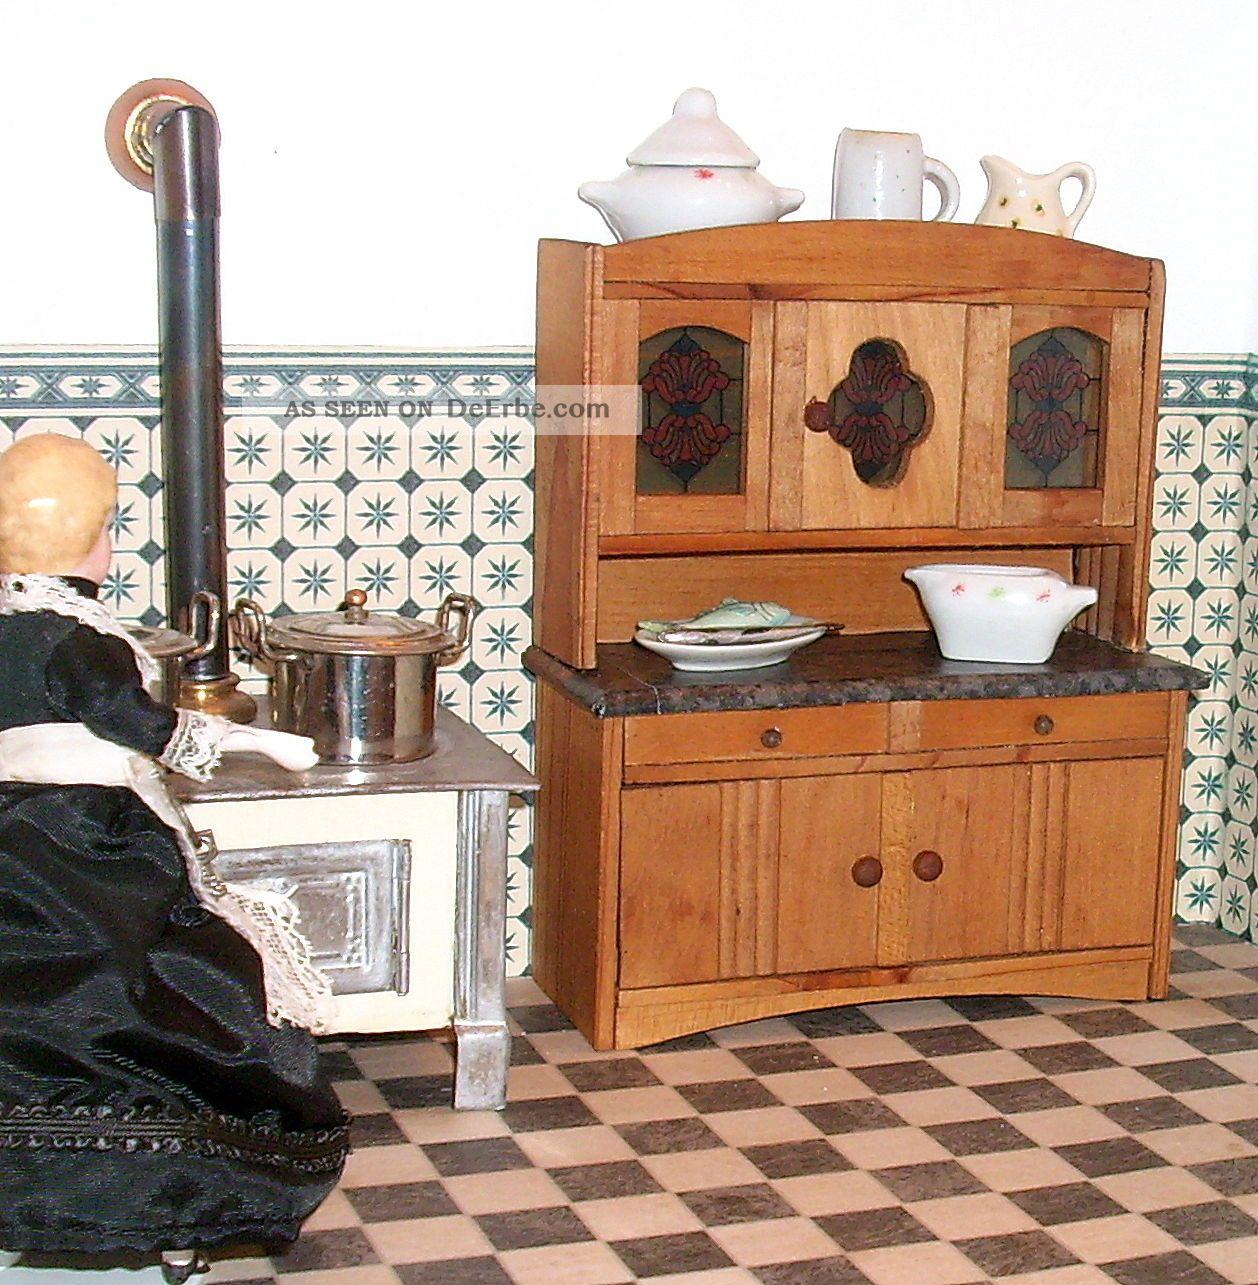 Kleiner Uralter Küchentisch Höhe 7 Cm Puppenküche